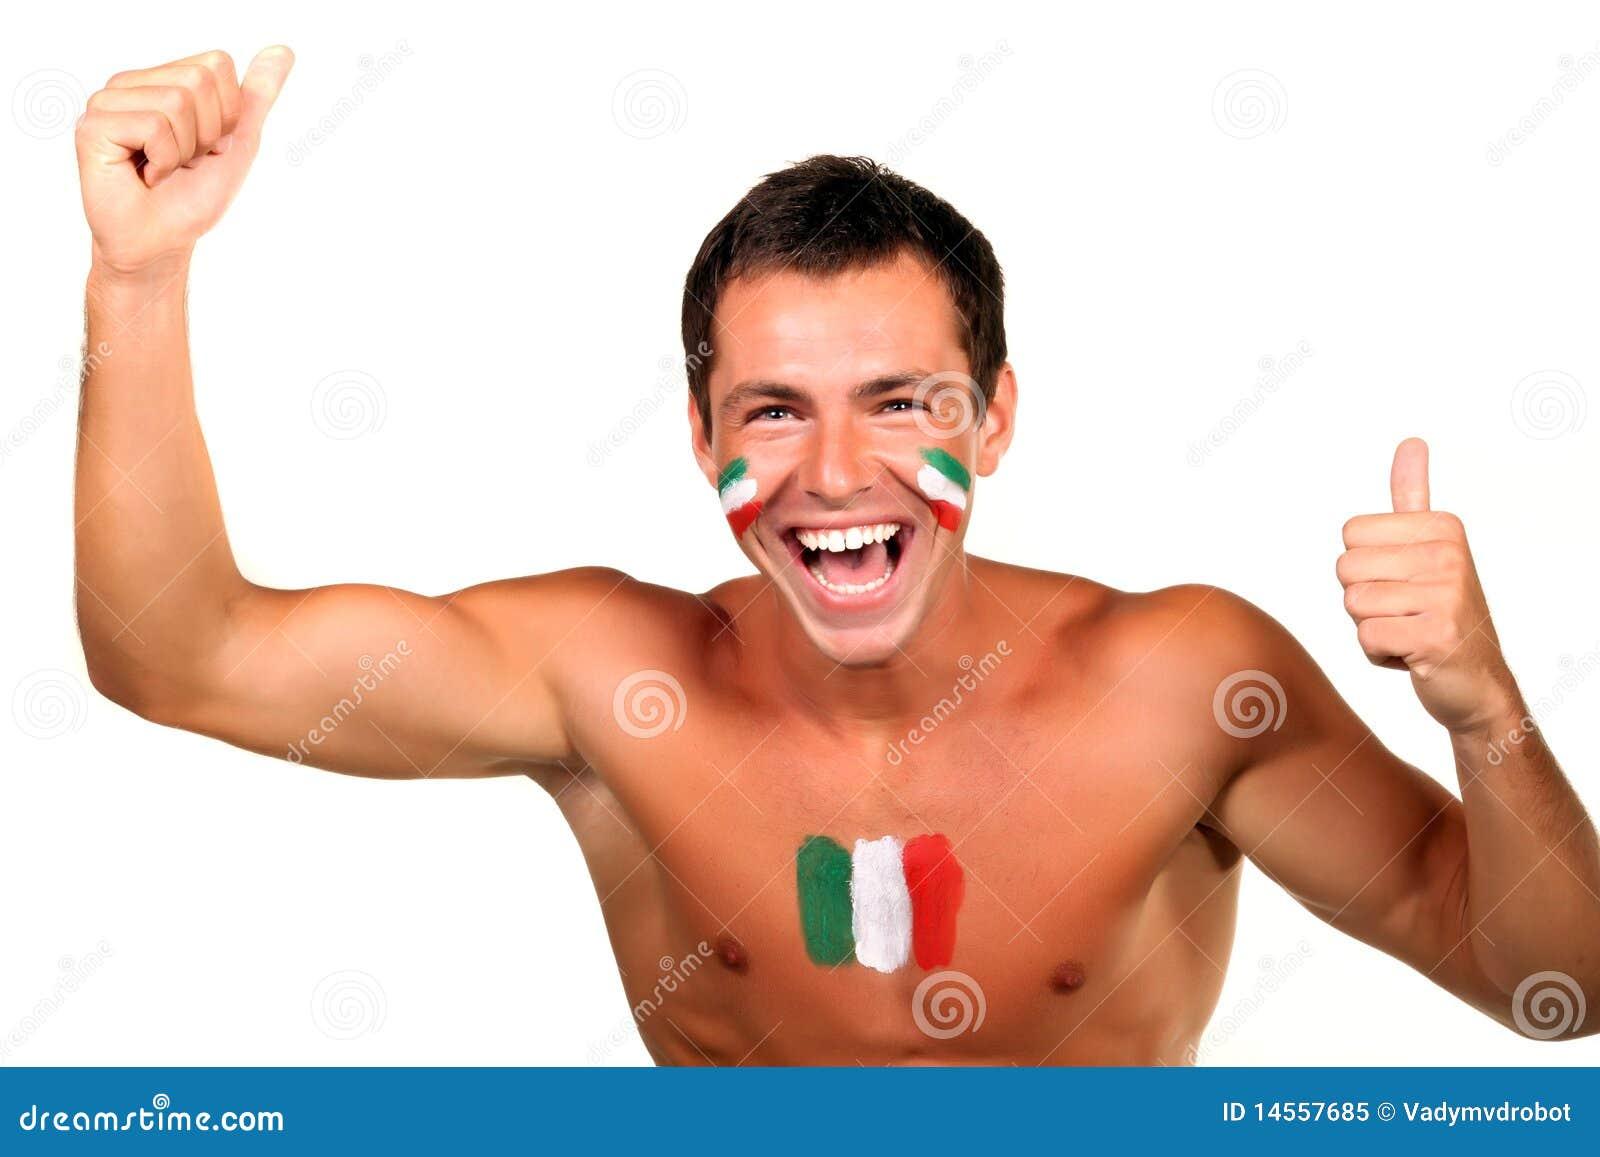 Italian football fan